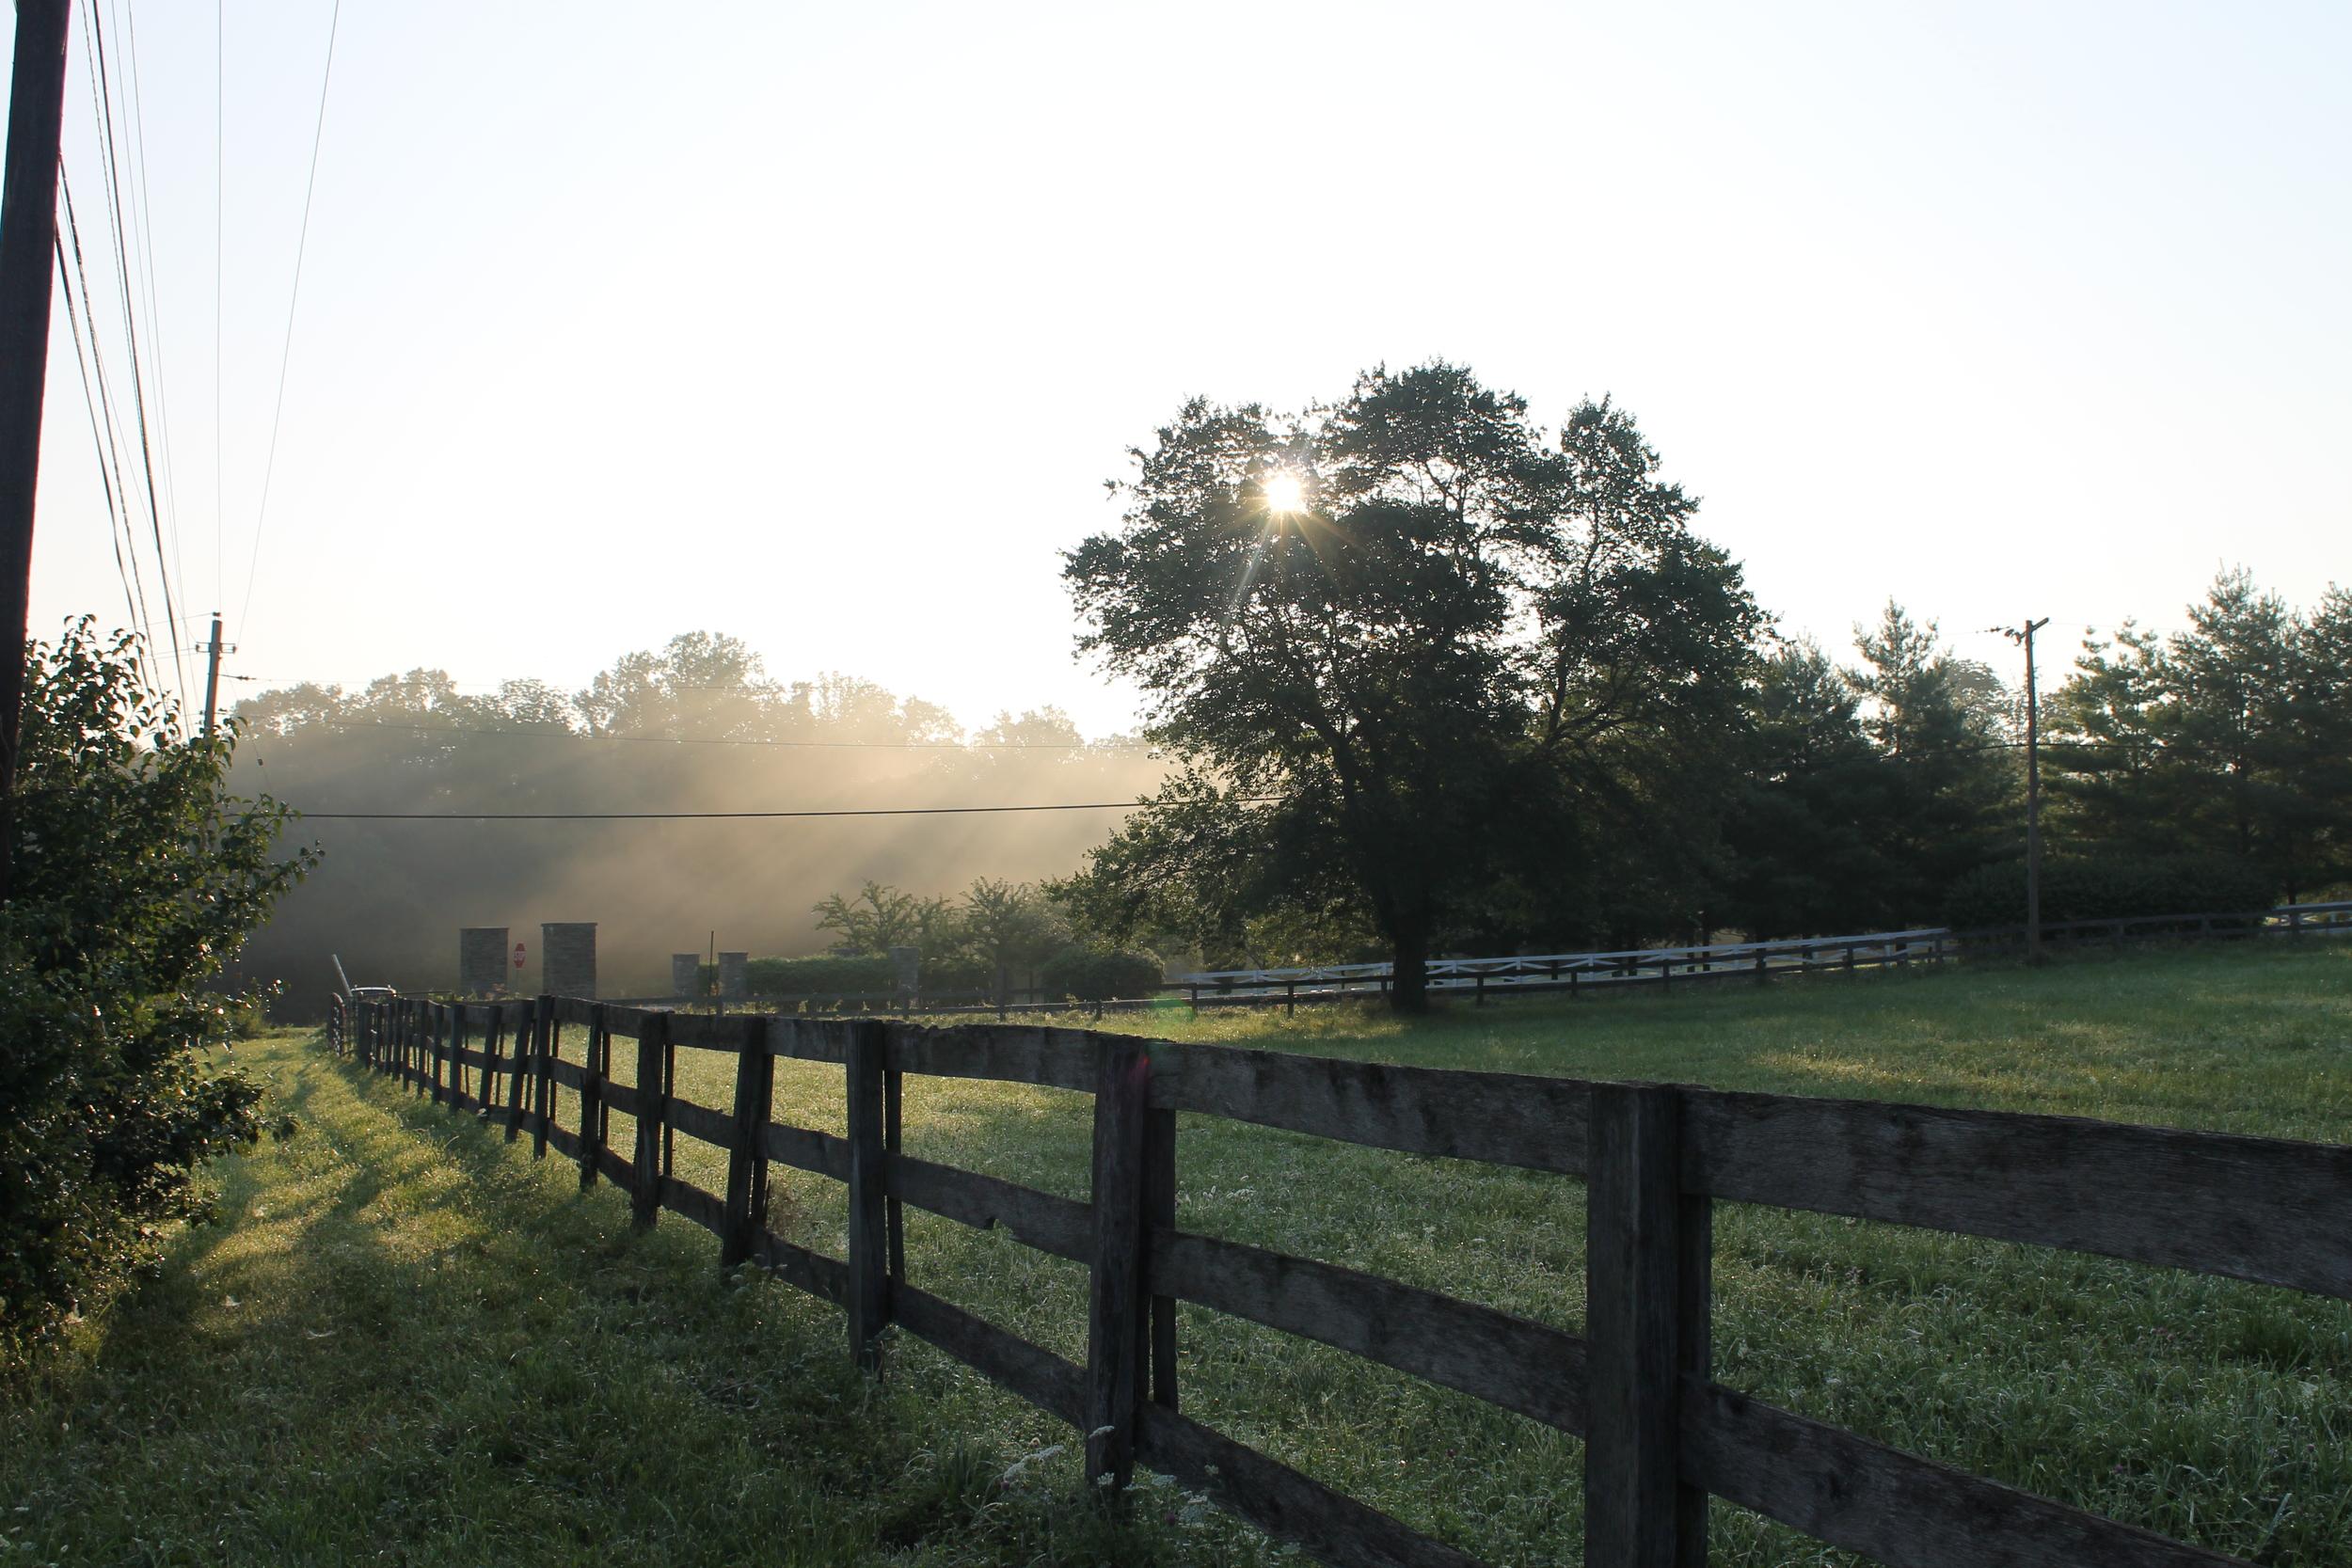 Farm Rays - Jess Rudolph Photography: www.jessrudolph.com